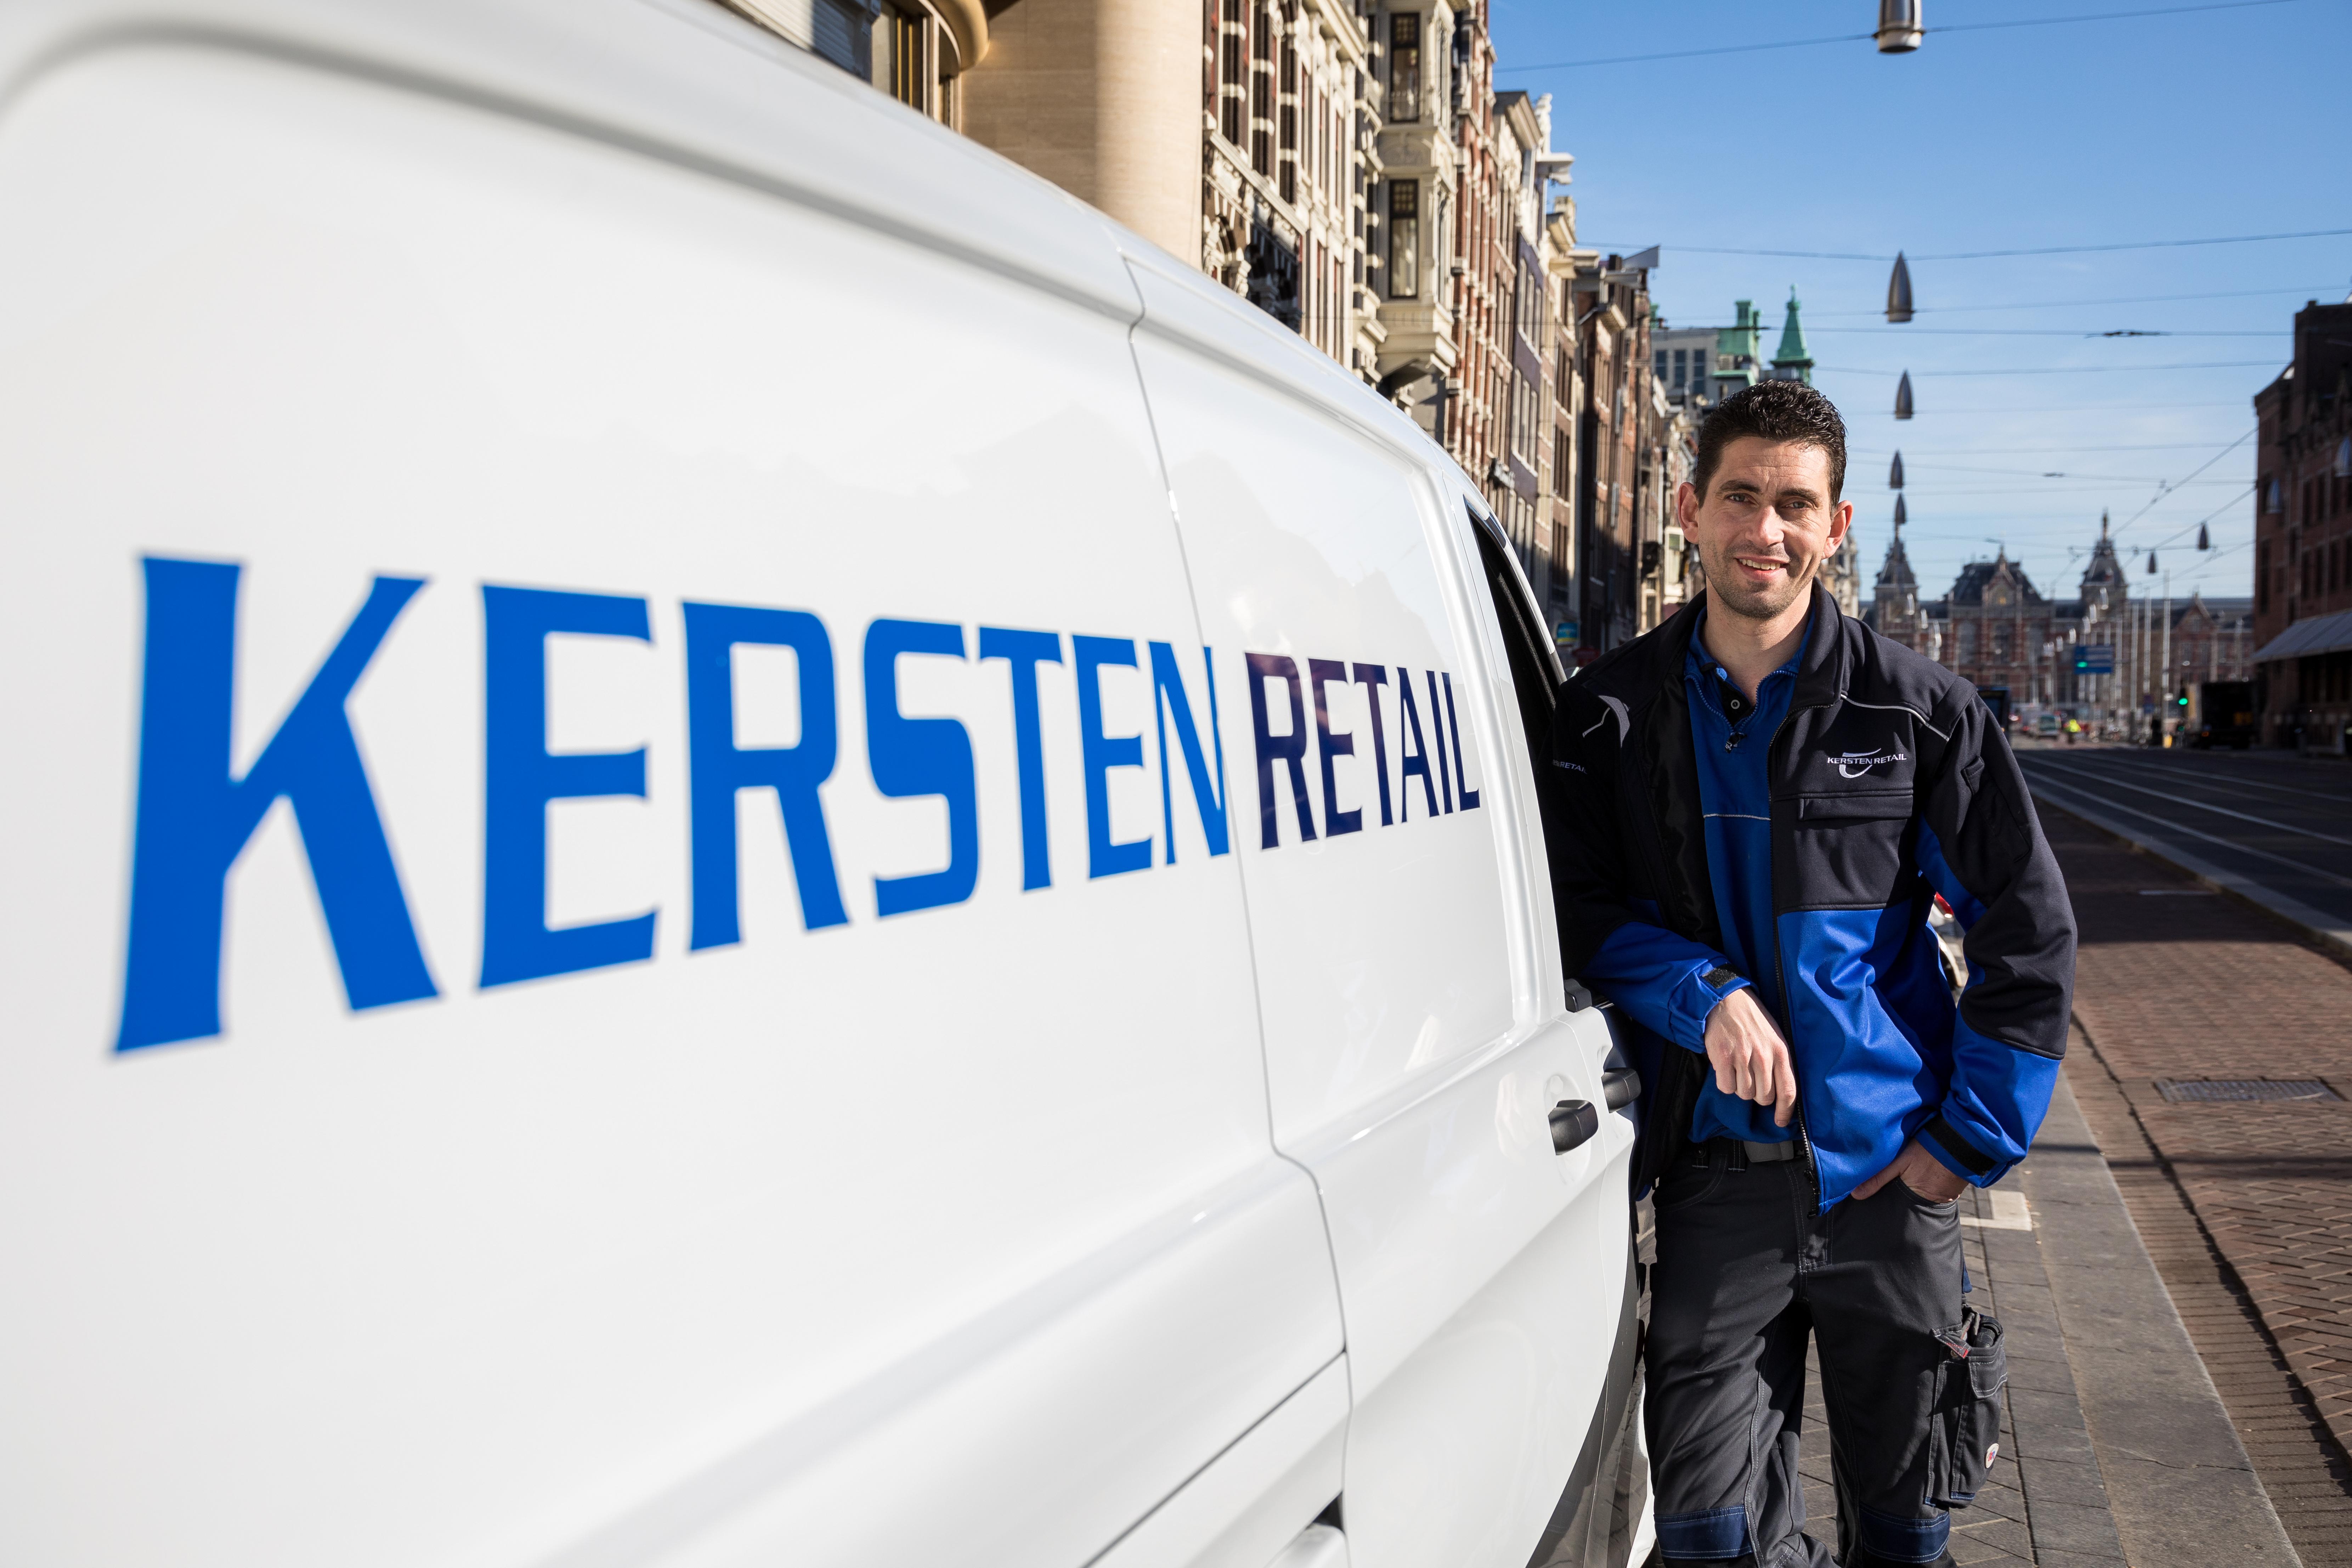 Kersten Retail - Klantverhaal - IMK Opleidingen